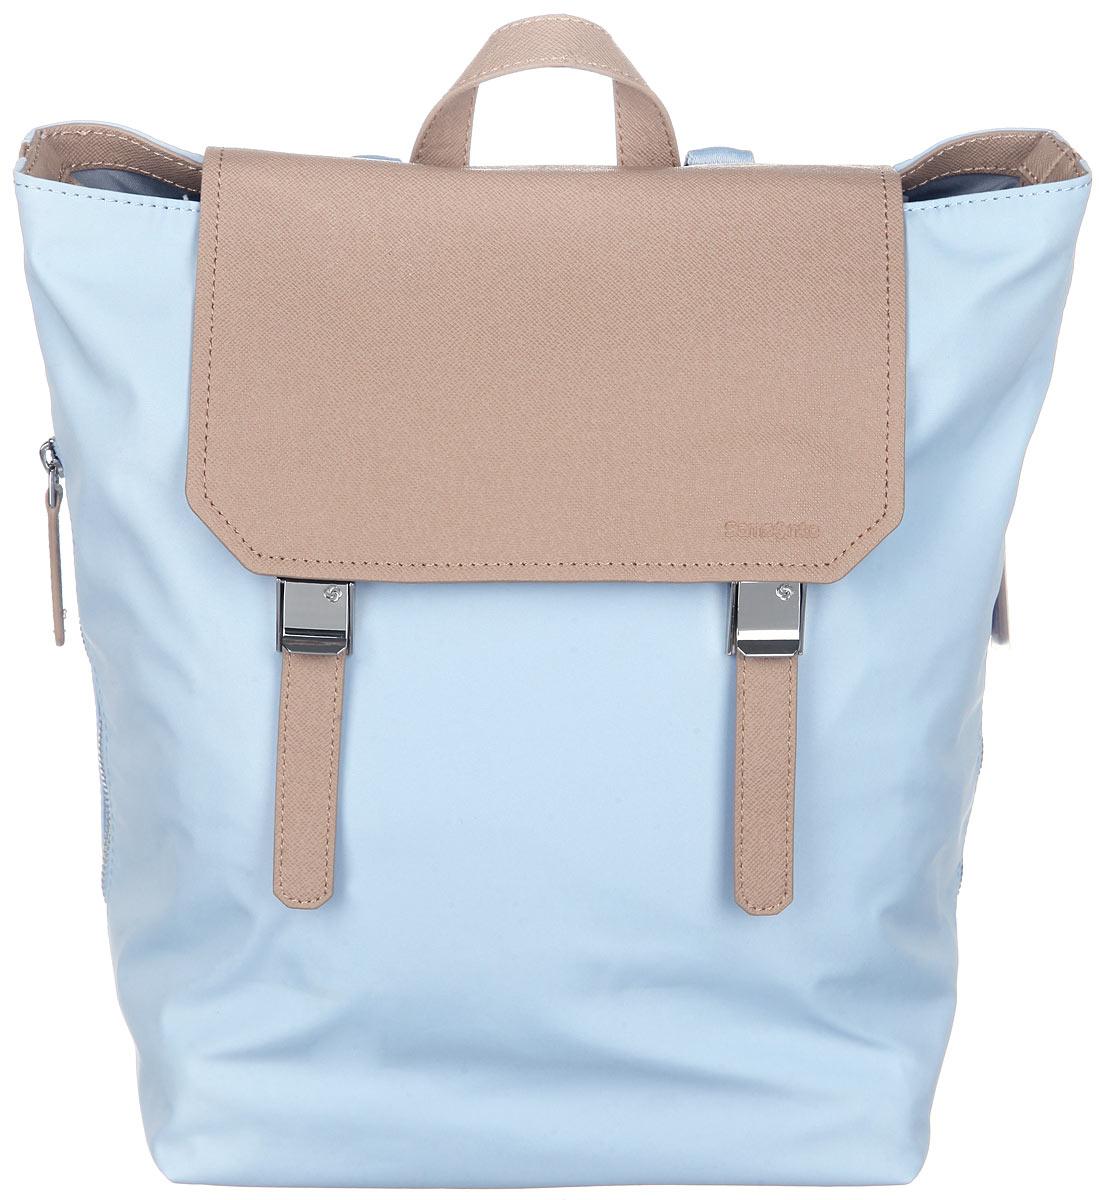 Рюкзак женский Samsonite, цвет: голубой. 56D-3100156D-31001Стильный женский рюкзак Samsonite выполнен из полиэстера и полиуретана, оформлен металлической фурнитурой и символикой бренда. Изделие содержит одно отделение, закрывающееся клапаном с двумя хлястиками на фиксаторы и дополнительно на хлястики с кнопками. Внутри рюкзака расположены мягкий карман для планшета, два накладных кармашка и врезной карман на застежке-молнии. Задняя сторона изделия дополнена врезным карманом на застежке-молнии. По бокам рюкзака расположены два врезных кармана, каждый из которых закрывается на застежку-молнию. Изделие оснащено двумя широкими плечевыми лямками регулируемой длины и петлей для подвешивания. Дно рюкзака дополнено металлическими ножками. Практичный аксессуар позволит вам завершить образ и быть неотразимой. Изделие содержит чехол для хранения.